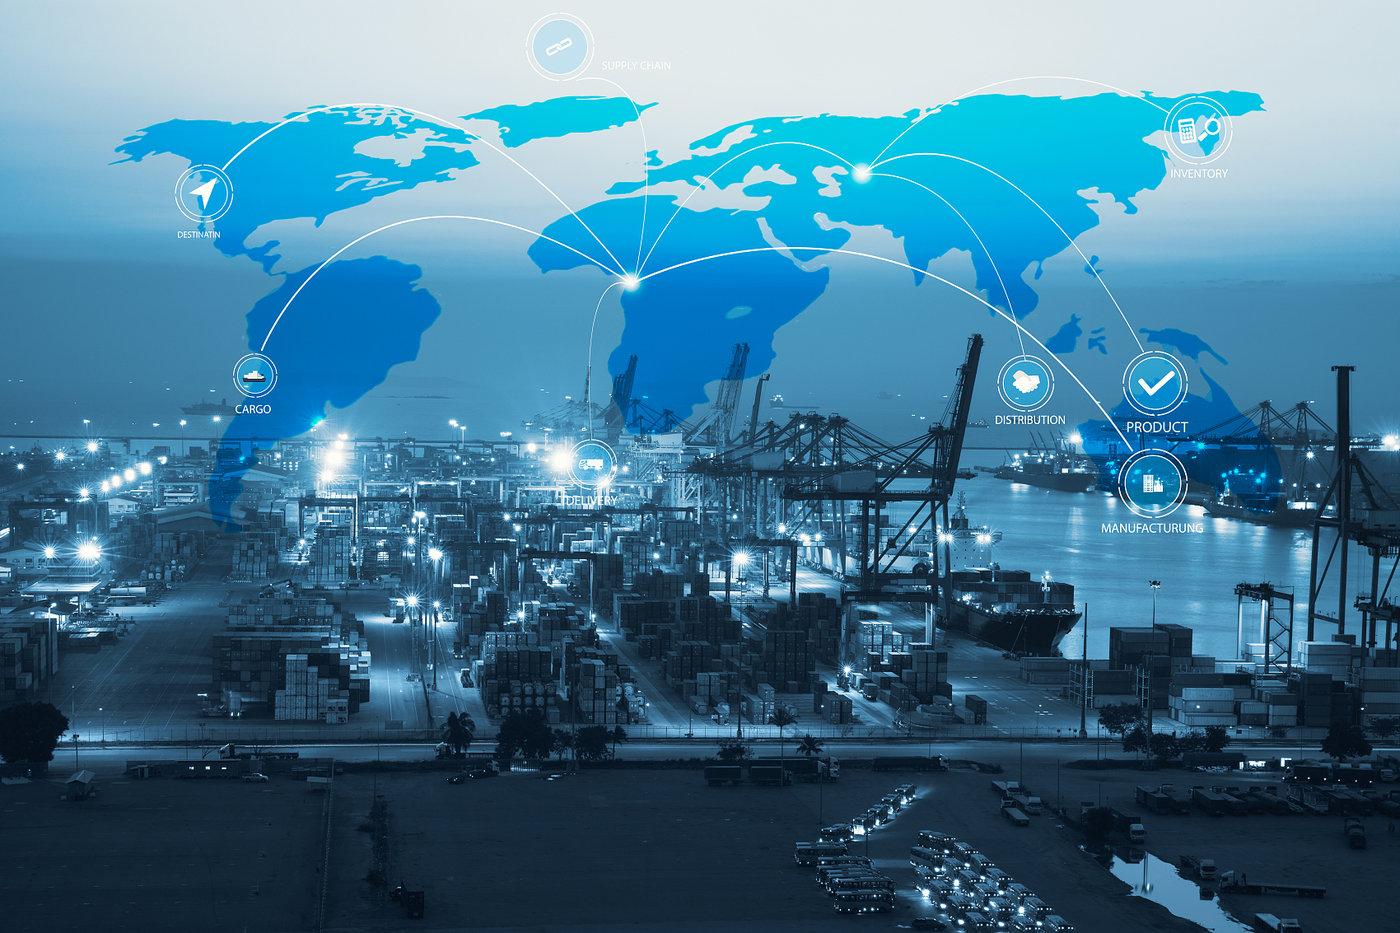 走进博威合金:数字化转型与合金材料的碰撞 | 云栖数字样板间